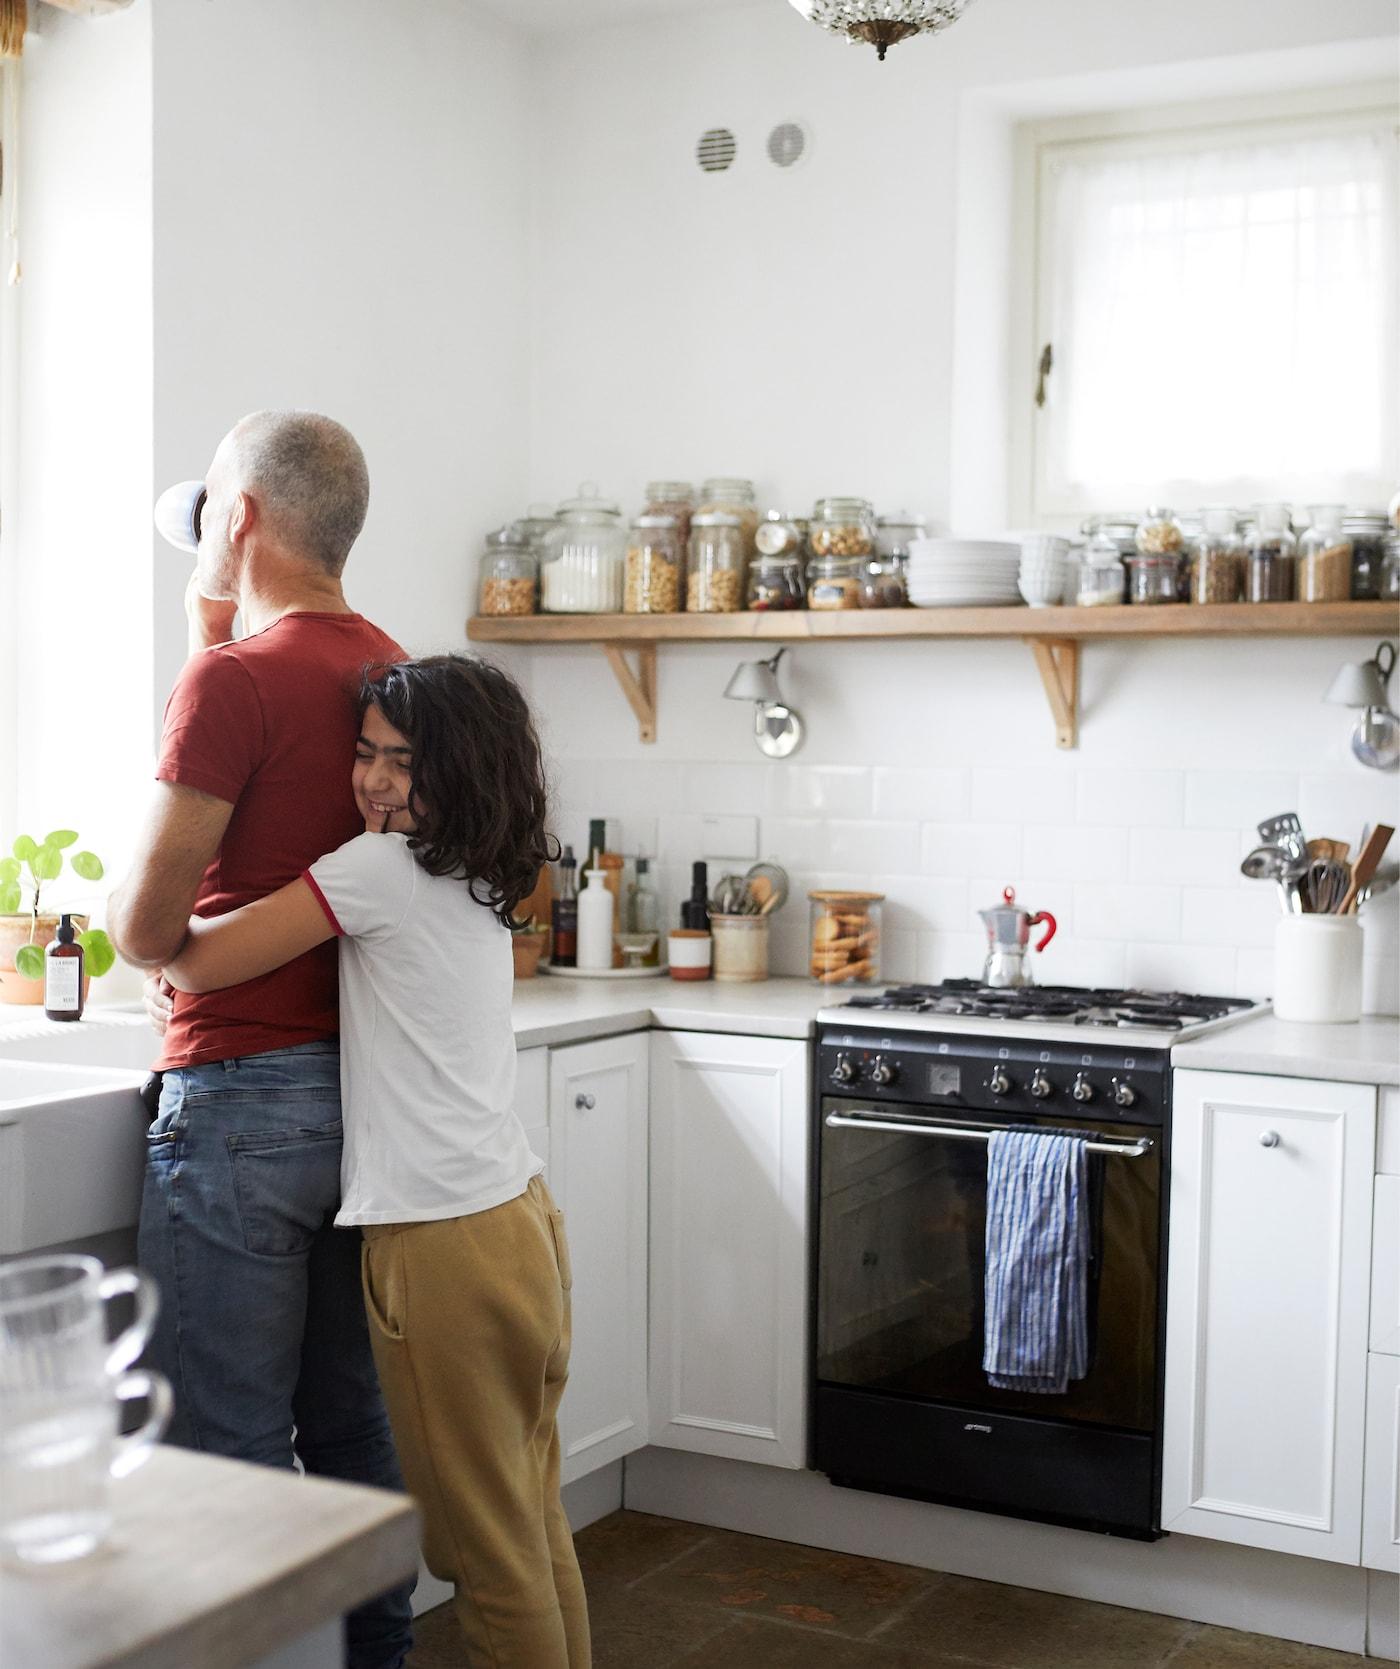 Gigi et sa fille enlacés dans une cuisine blanche avec des murs carrelés blancs et des bocaux placés sur une grande tablette en bois.